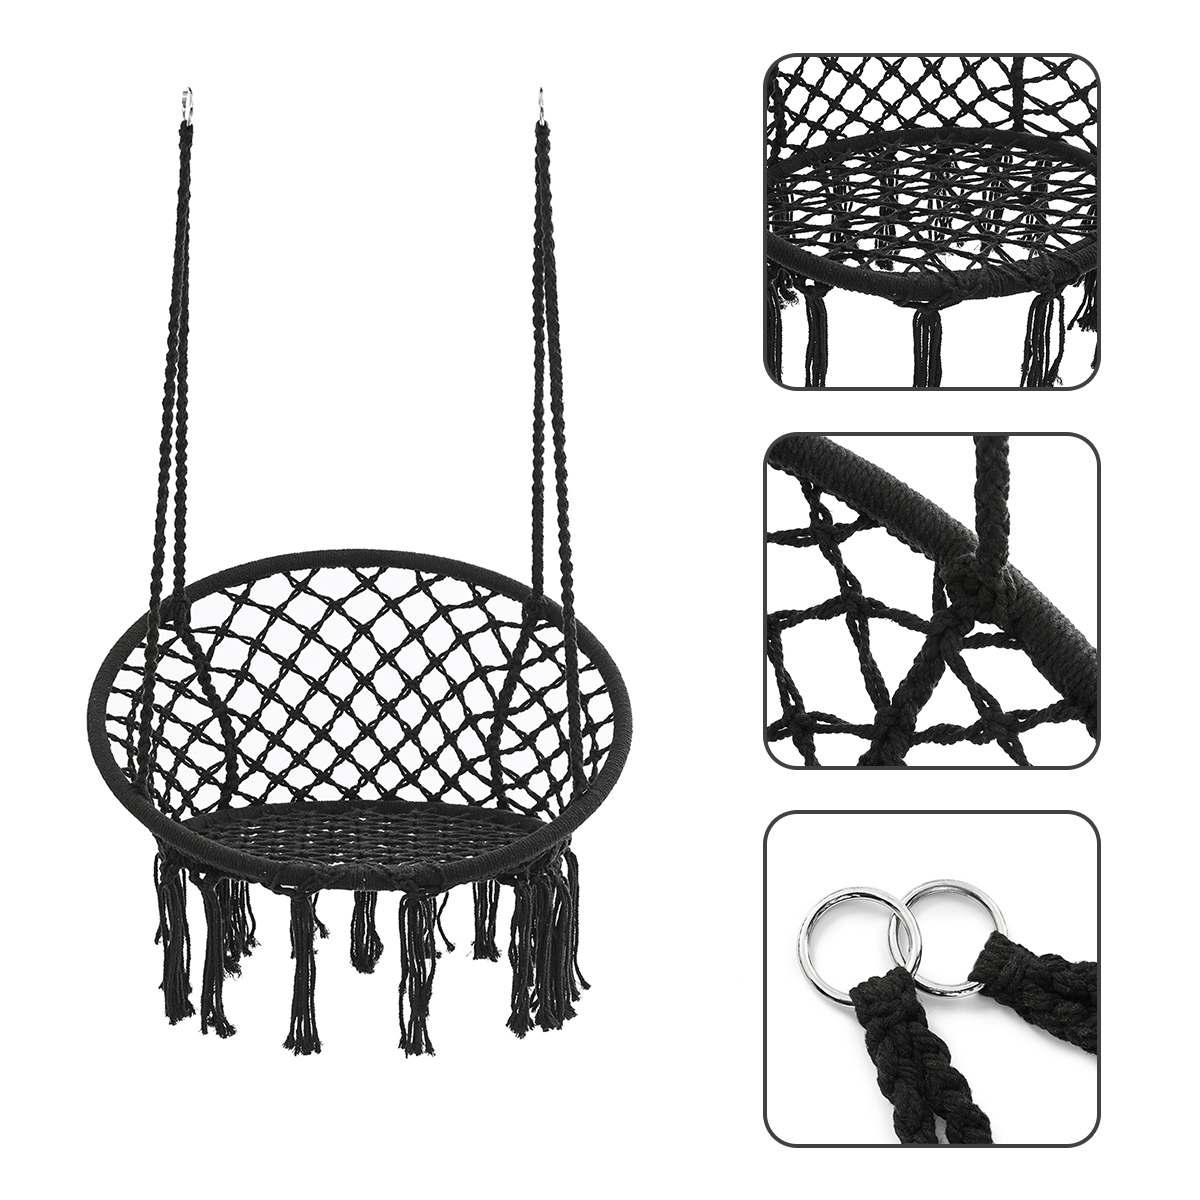 Rodada Rede Cadeira Ao Ar Livre e Indoor Quarto Dormitório Quintal Para Adulto Criança Balanço Pendurado Rede Cadeira de Segurança Único